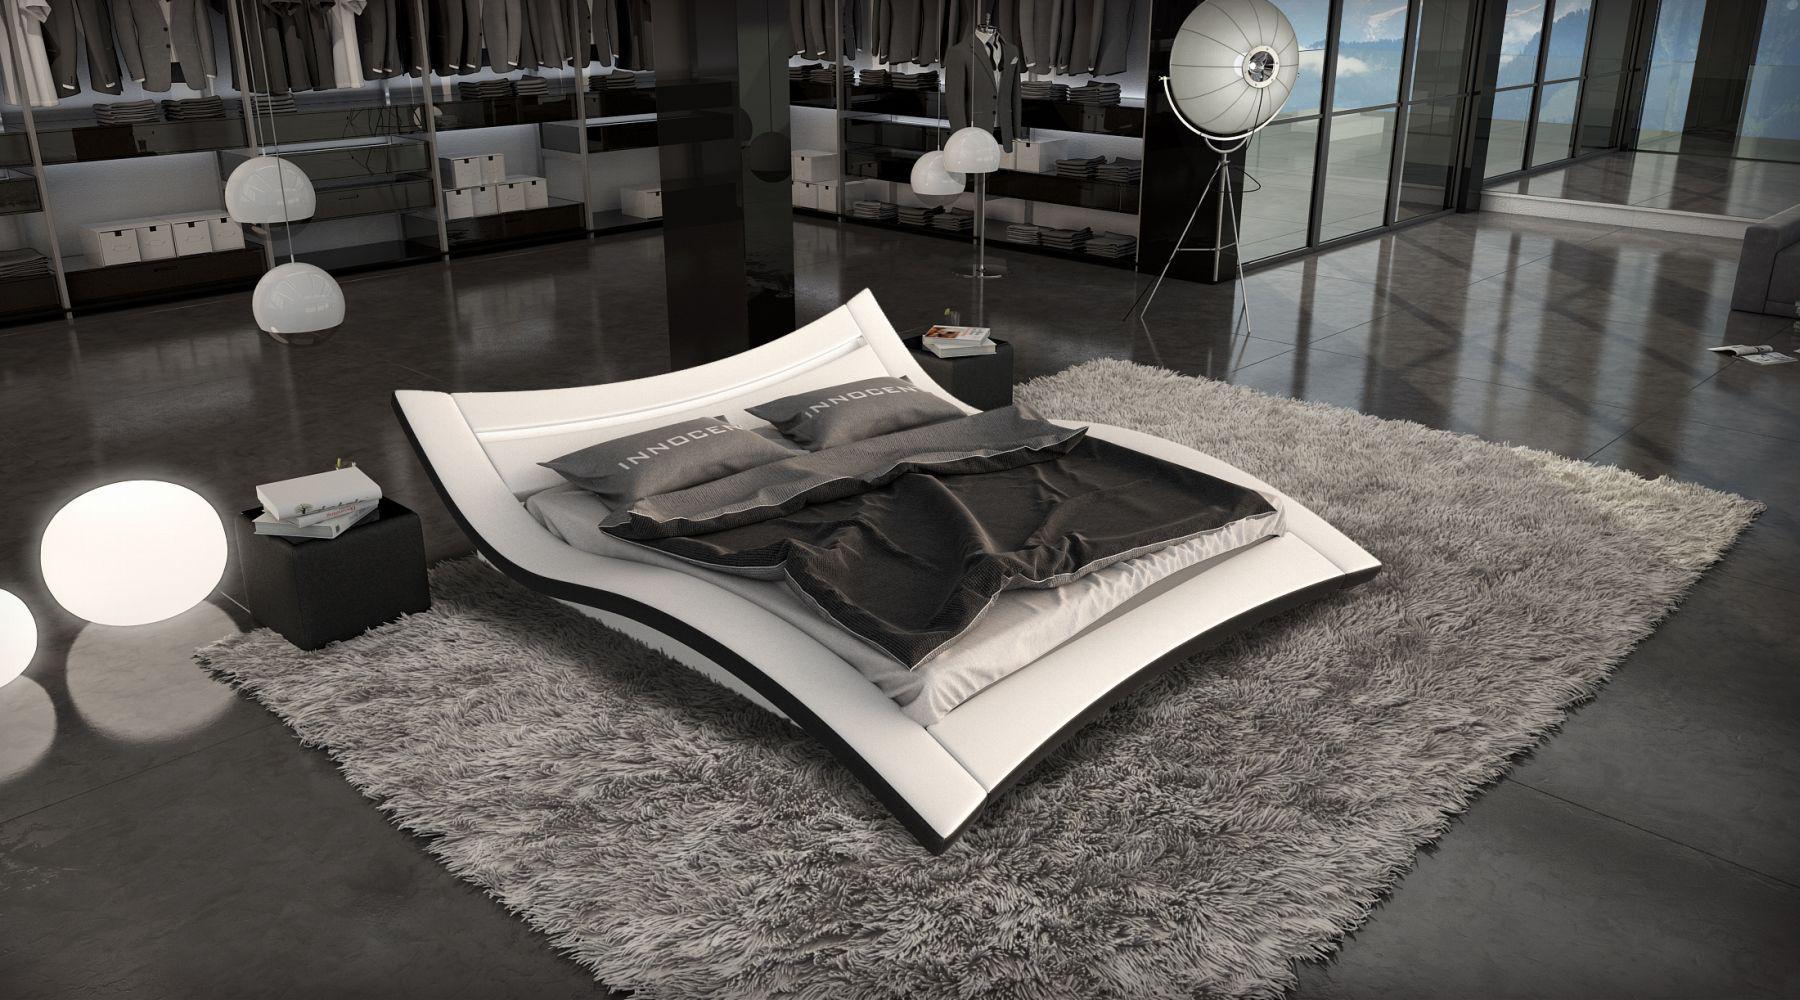 modernes wasserbett weiss schwarz ancona komplett set mit. Black Bedroom Furniture Sets. Home Design Ideas